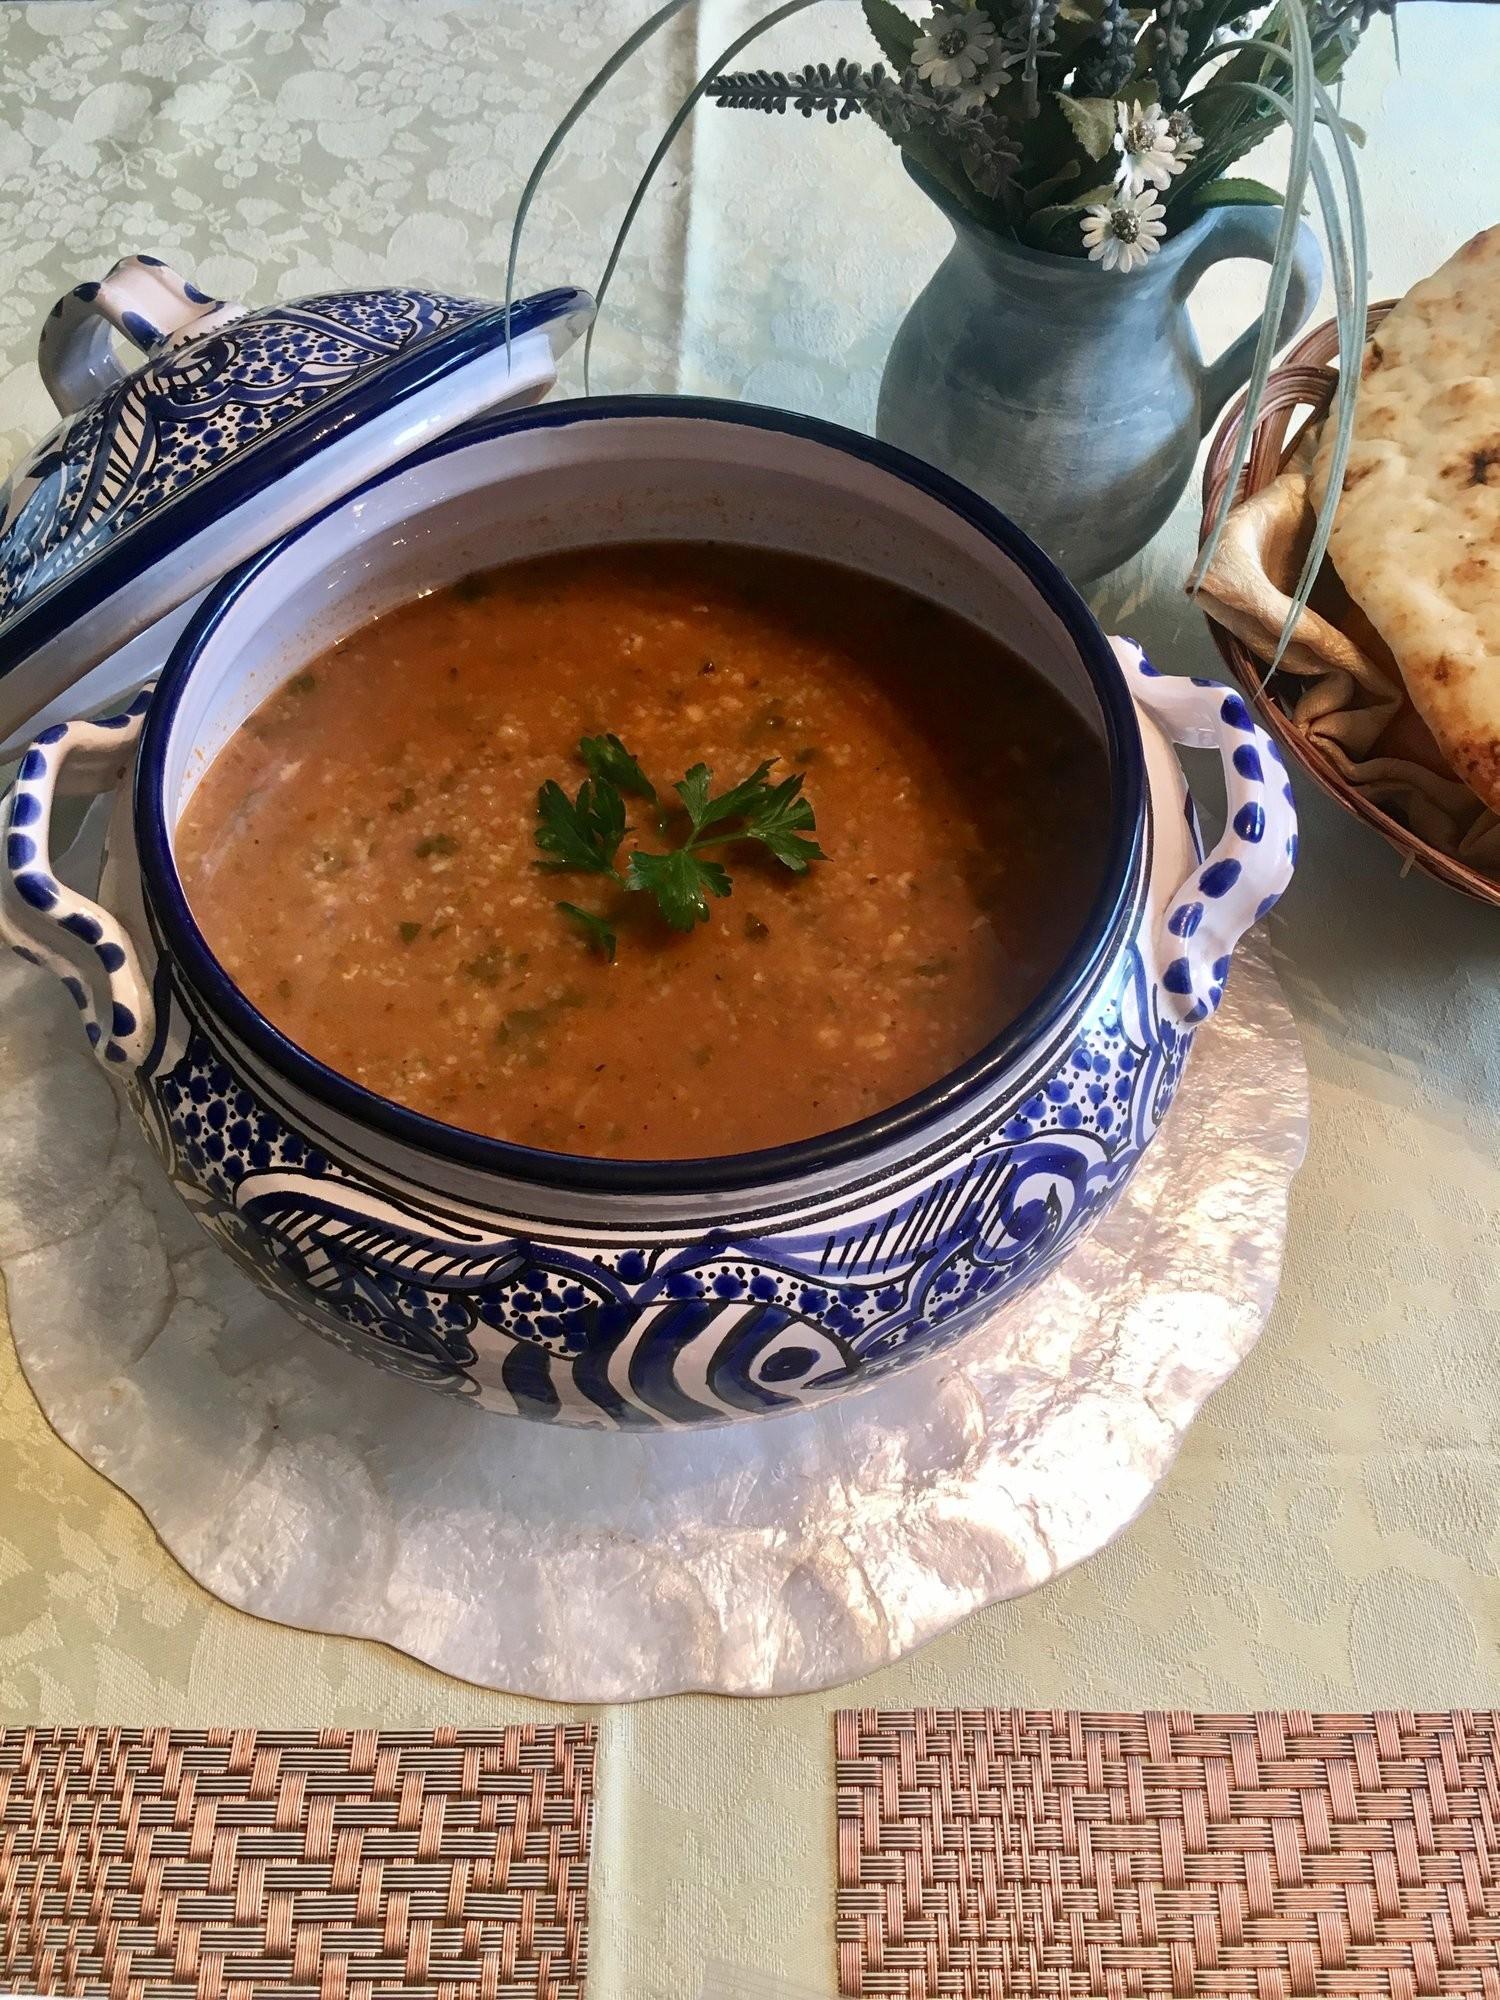 أكلات رمضانية تونسية - طريقة عمل شربة الفريك التونسية